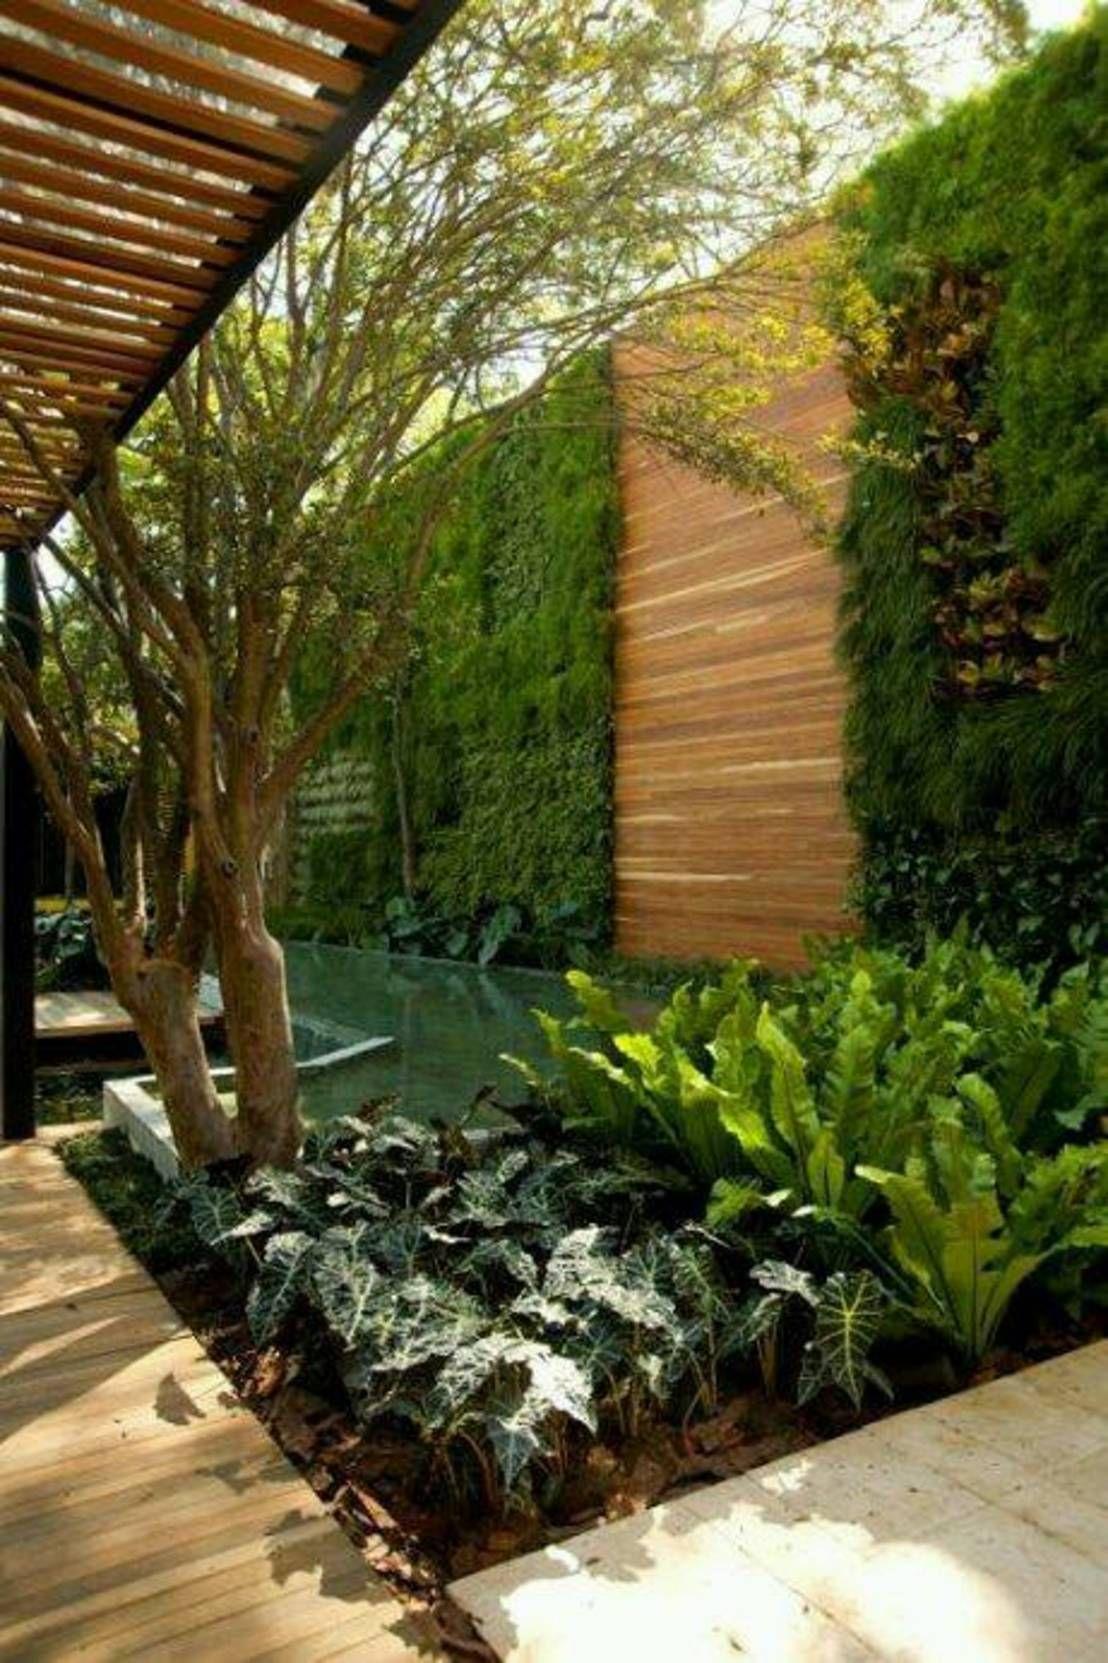 Jardines verticales de green gallery jard n vertical - Jardines verticales interior ...